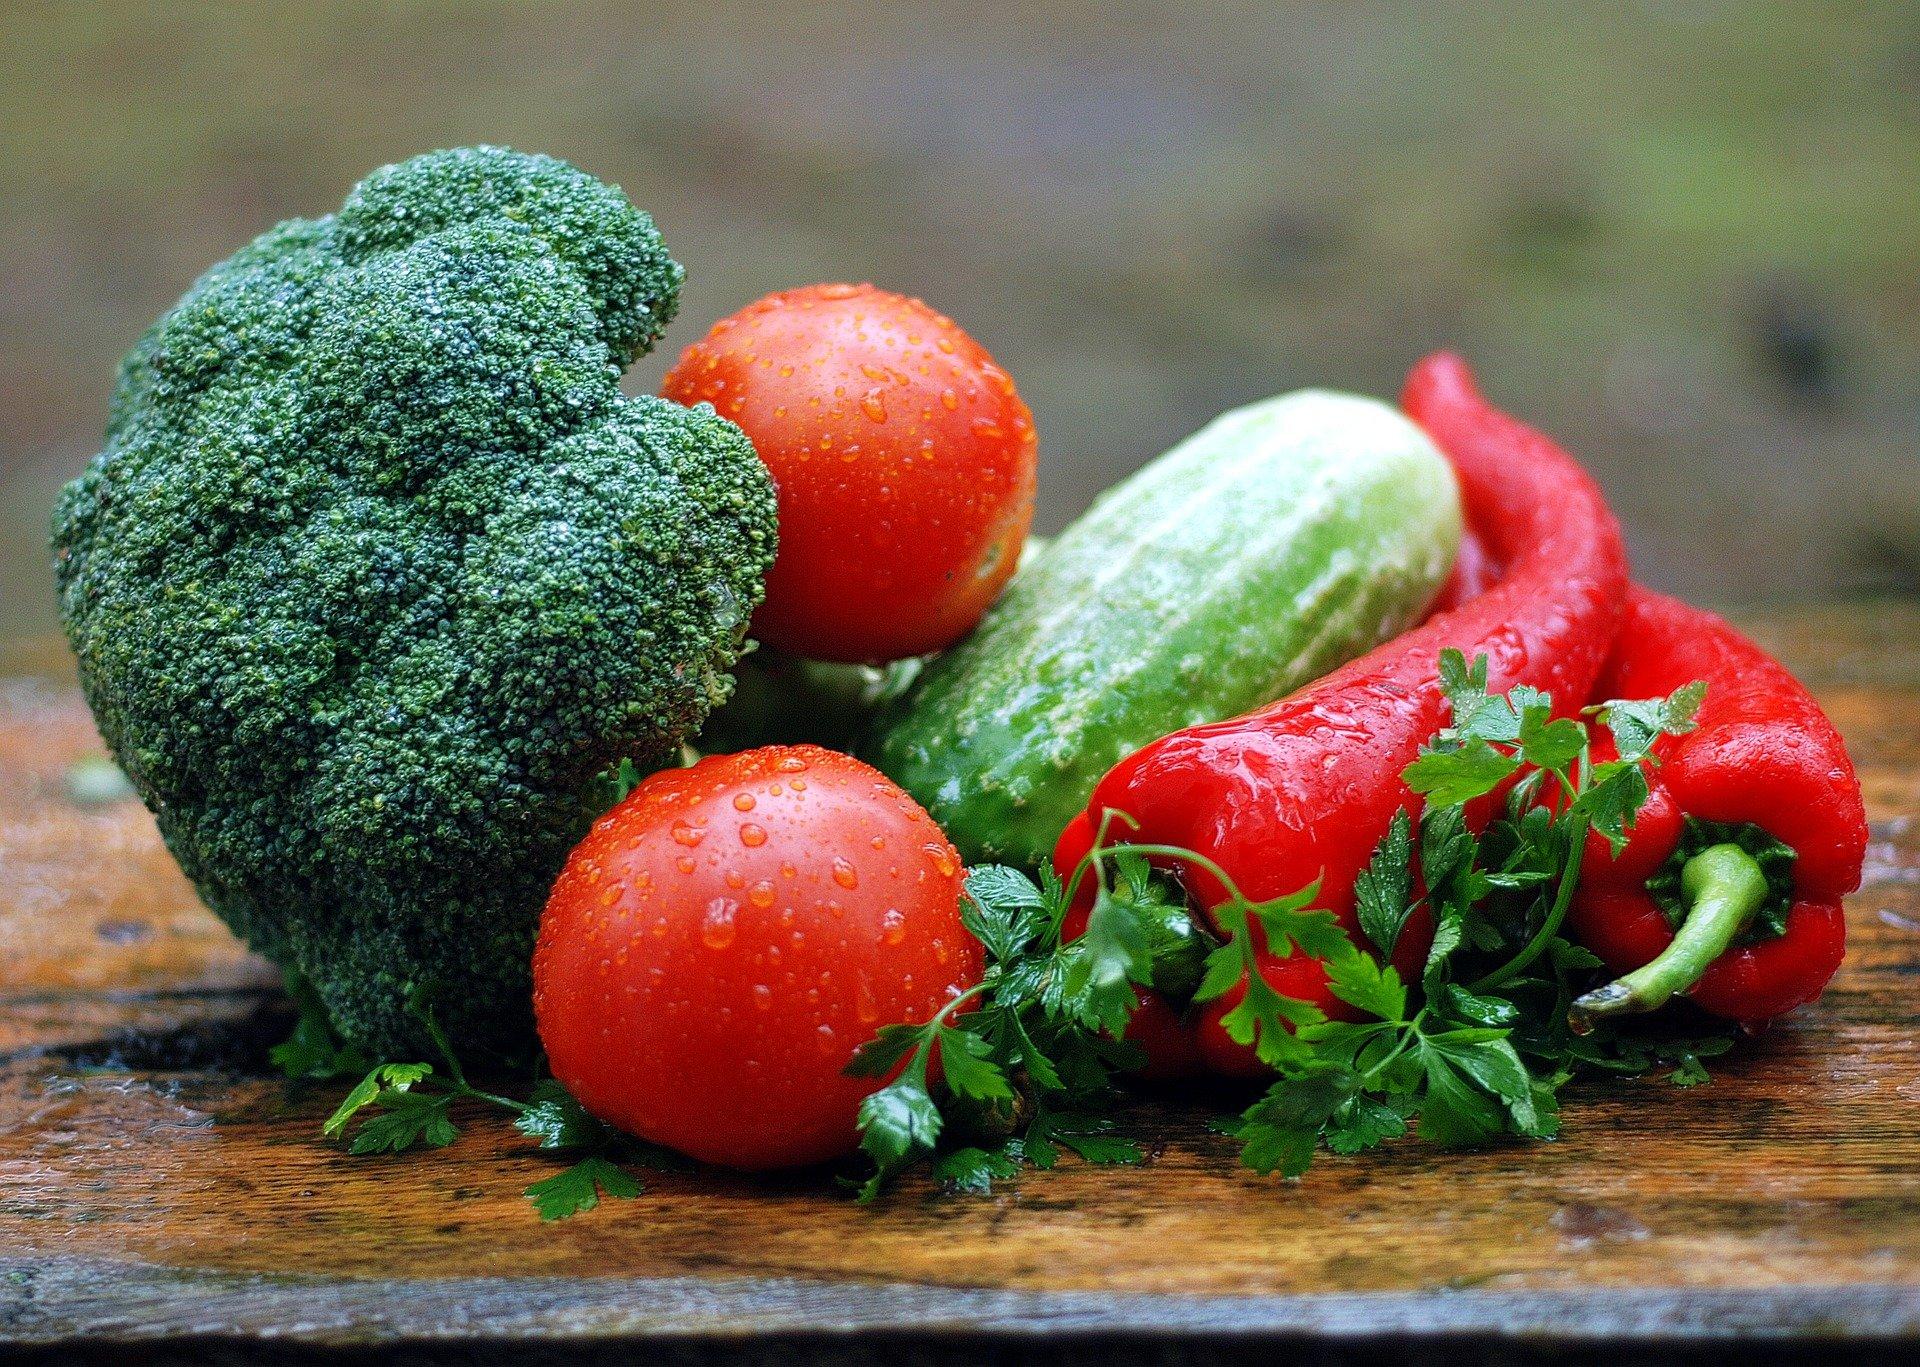 Come y compra alimentos sostenibles